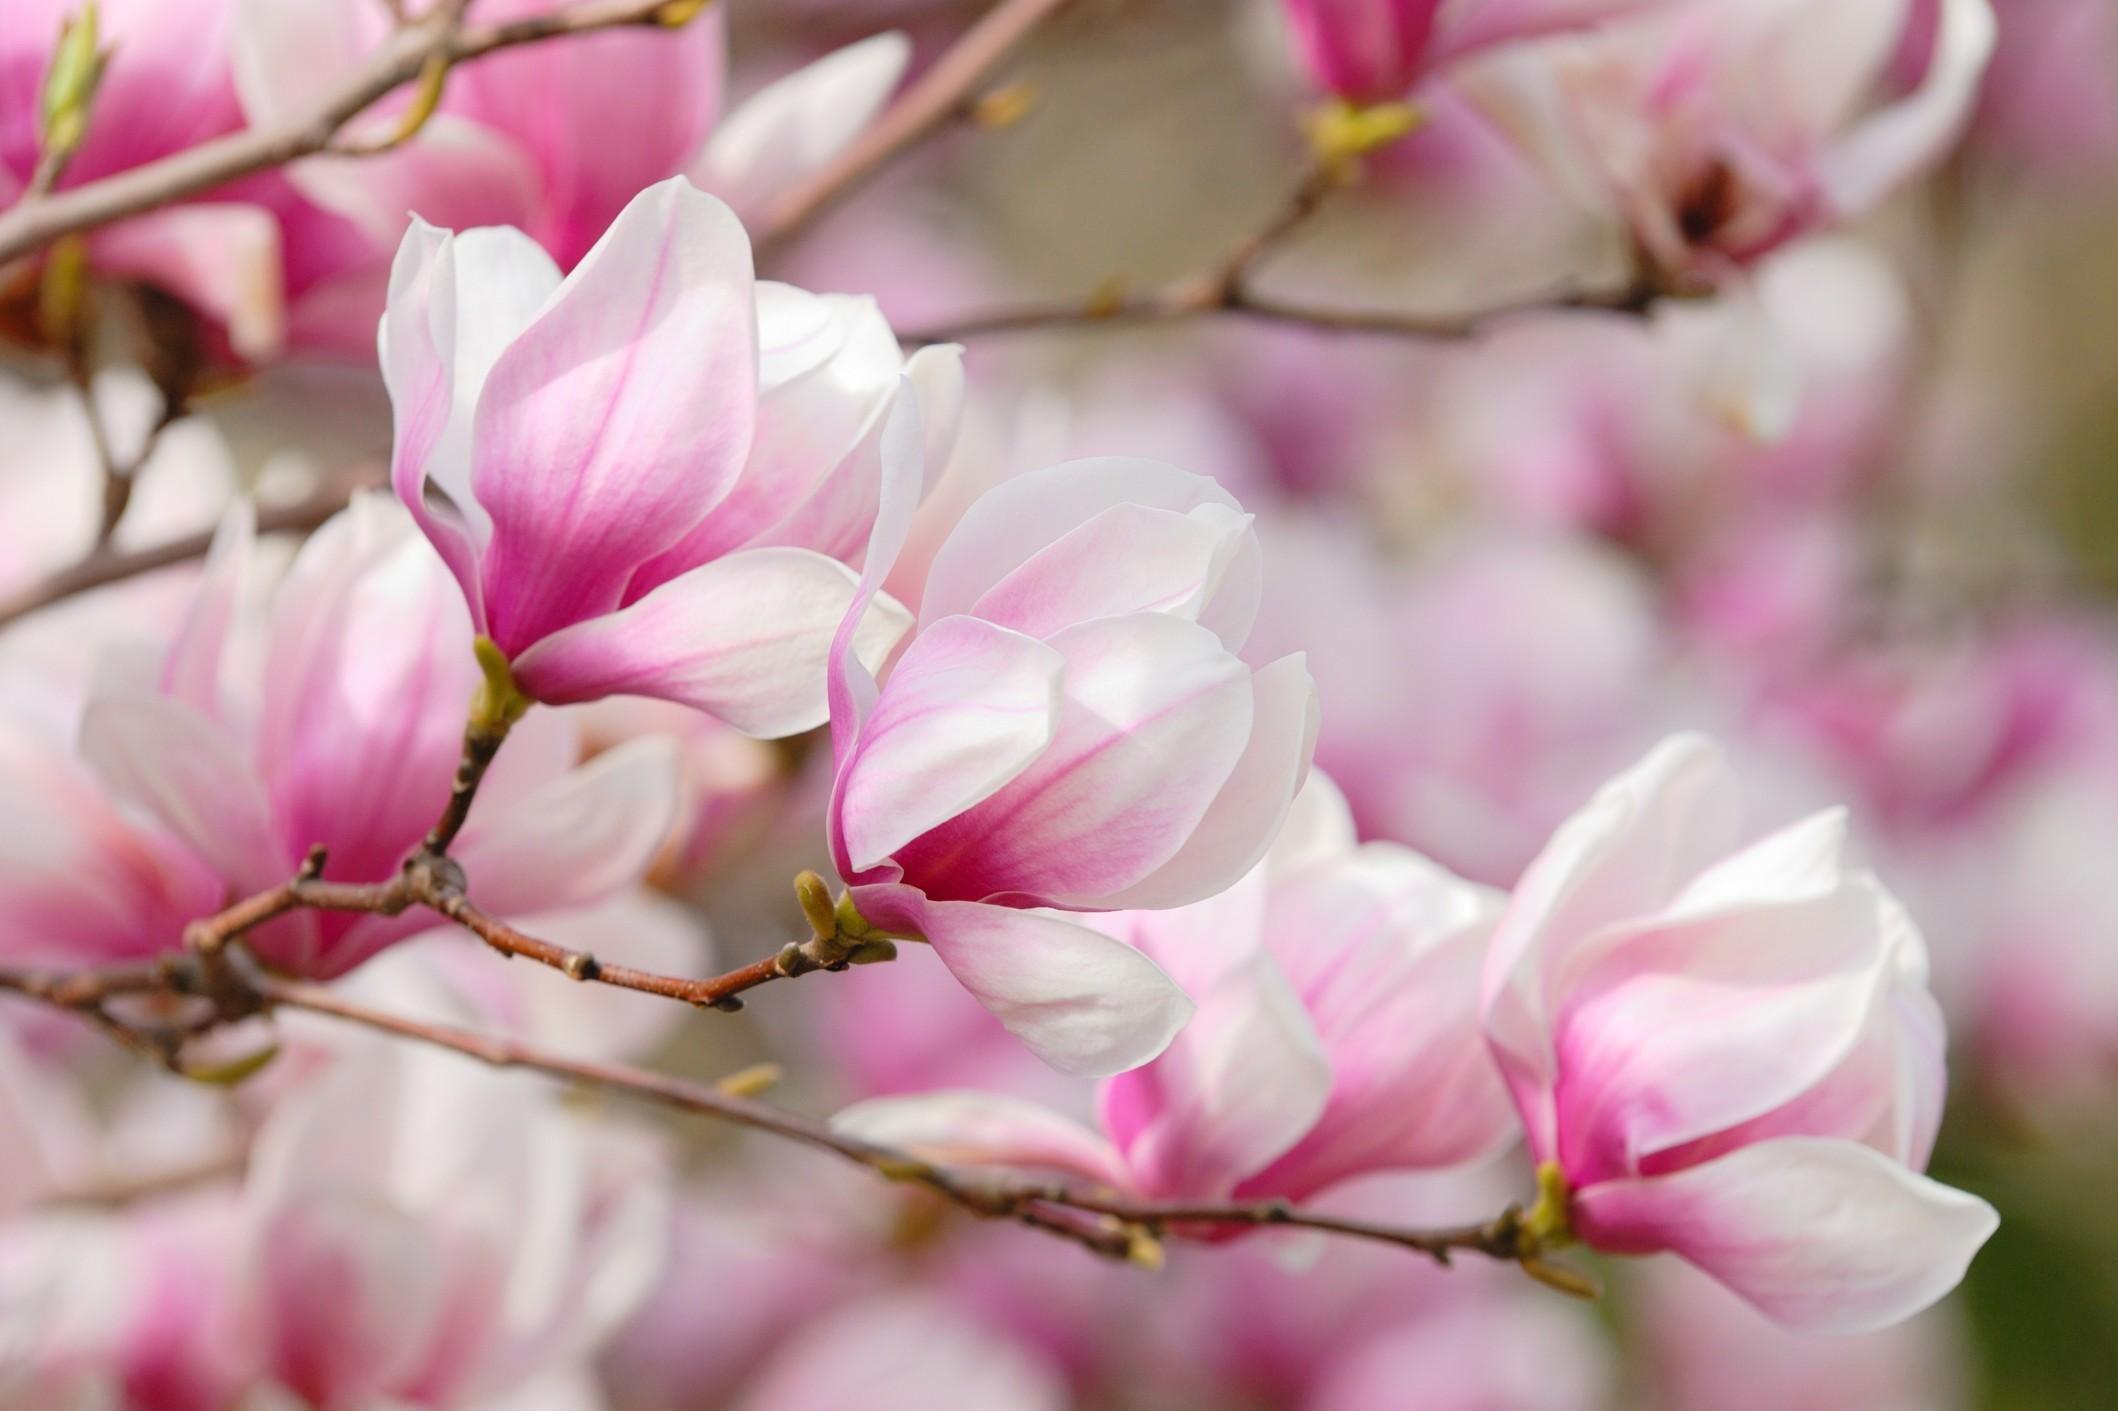 Magnolia wallpaper 64 images - Magnolia background ...